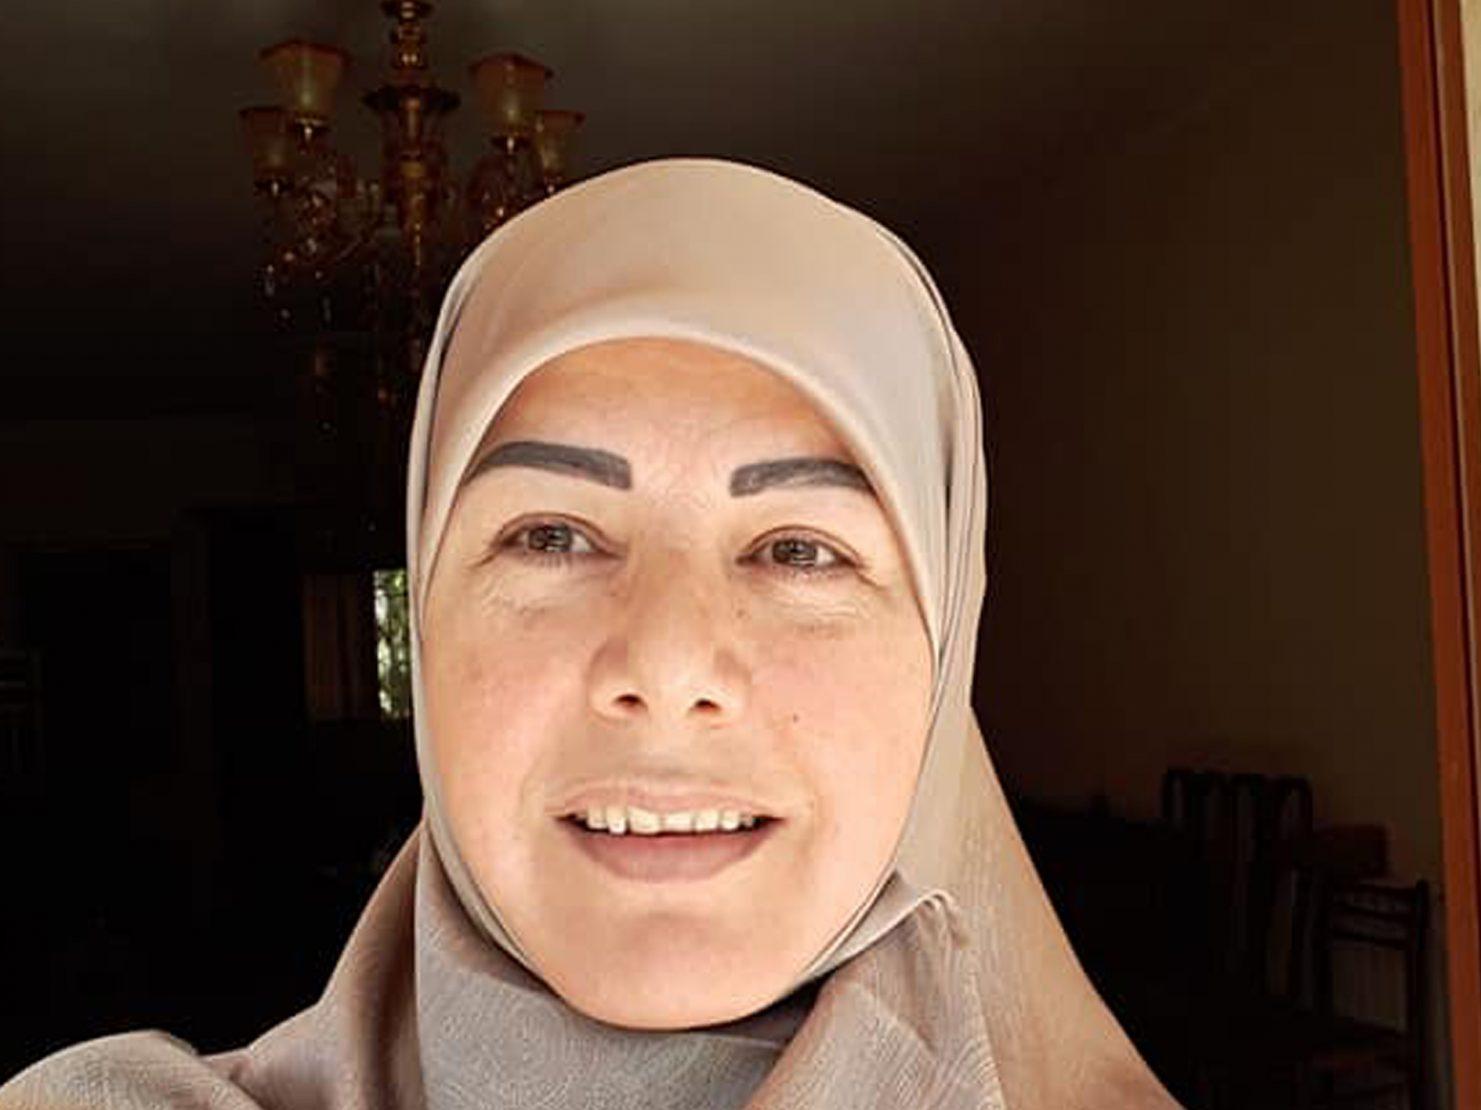 سلوى فاضل - صحافية لبنانية